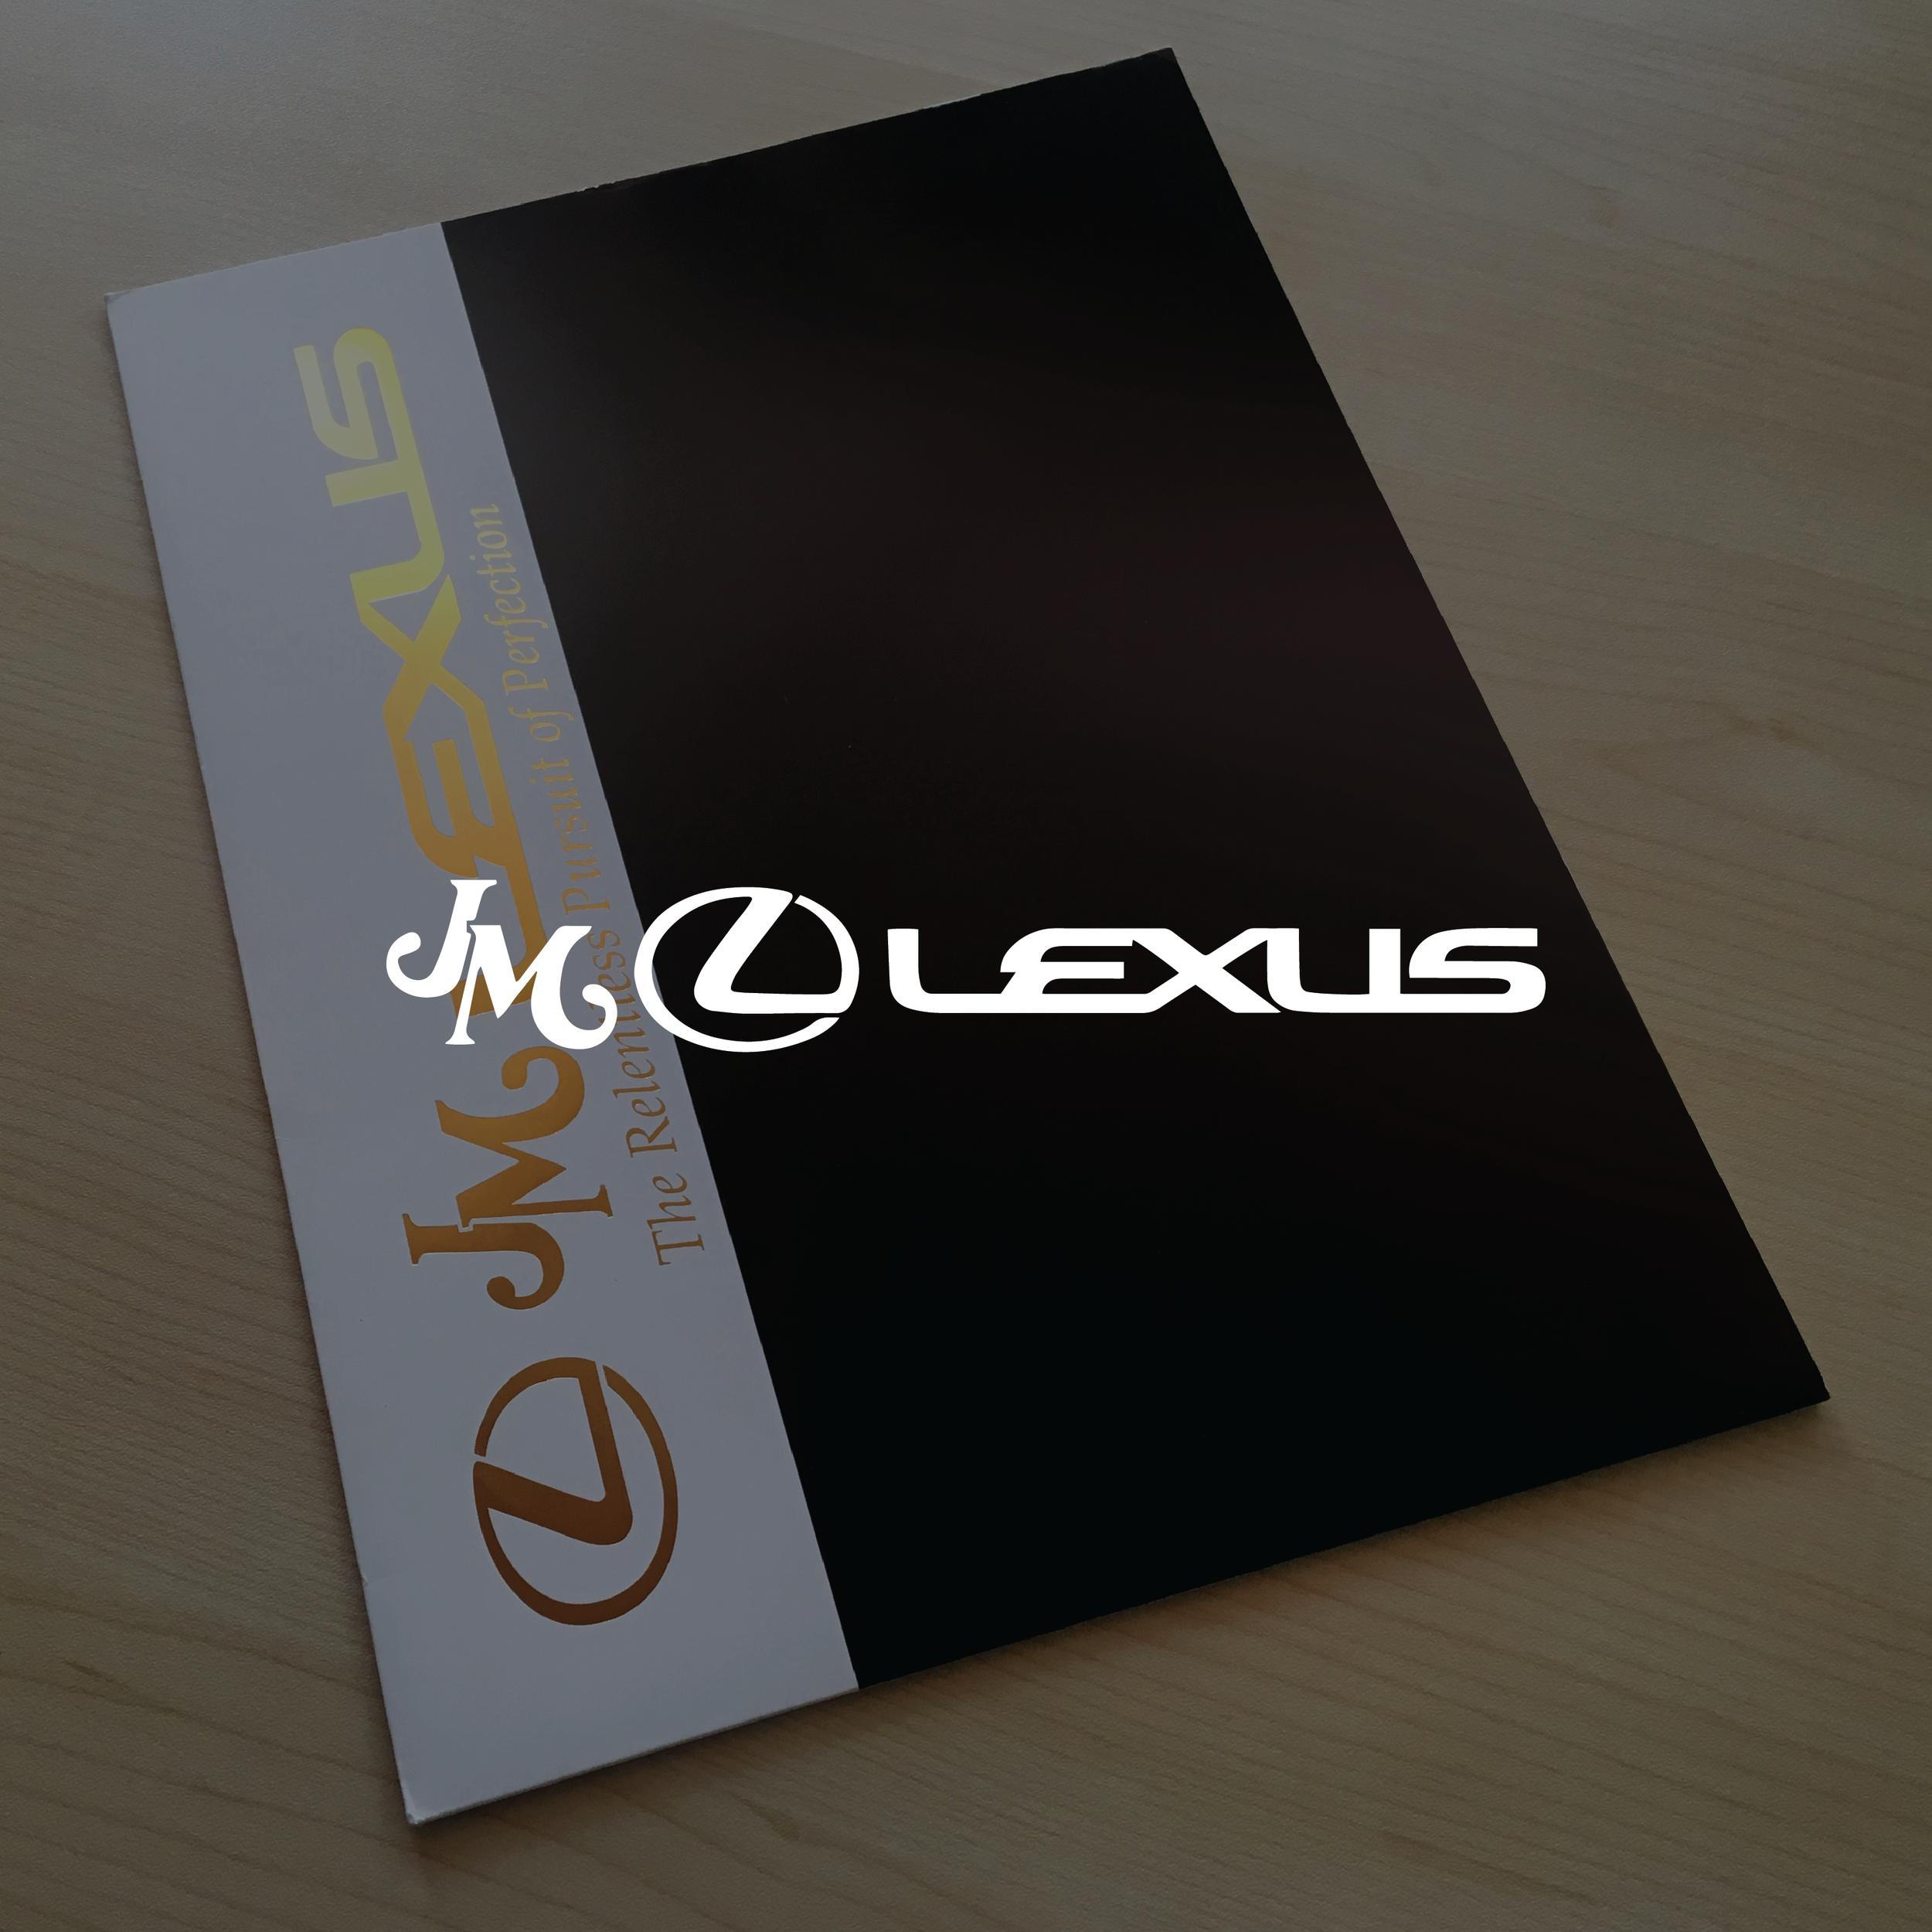 JM_Lexus-01-01.png